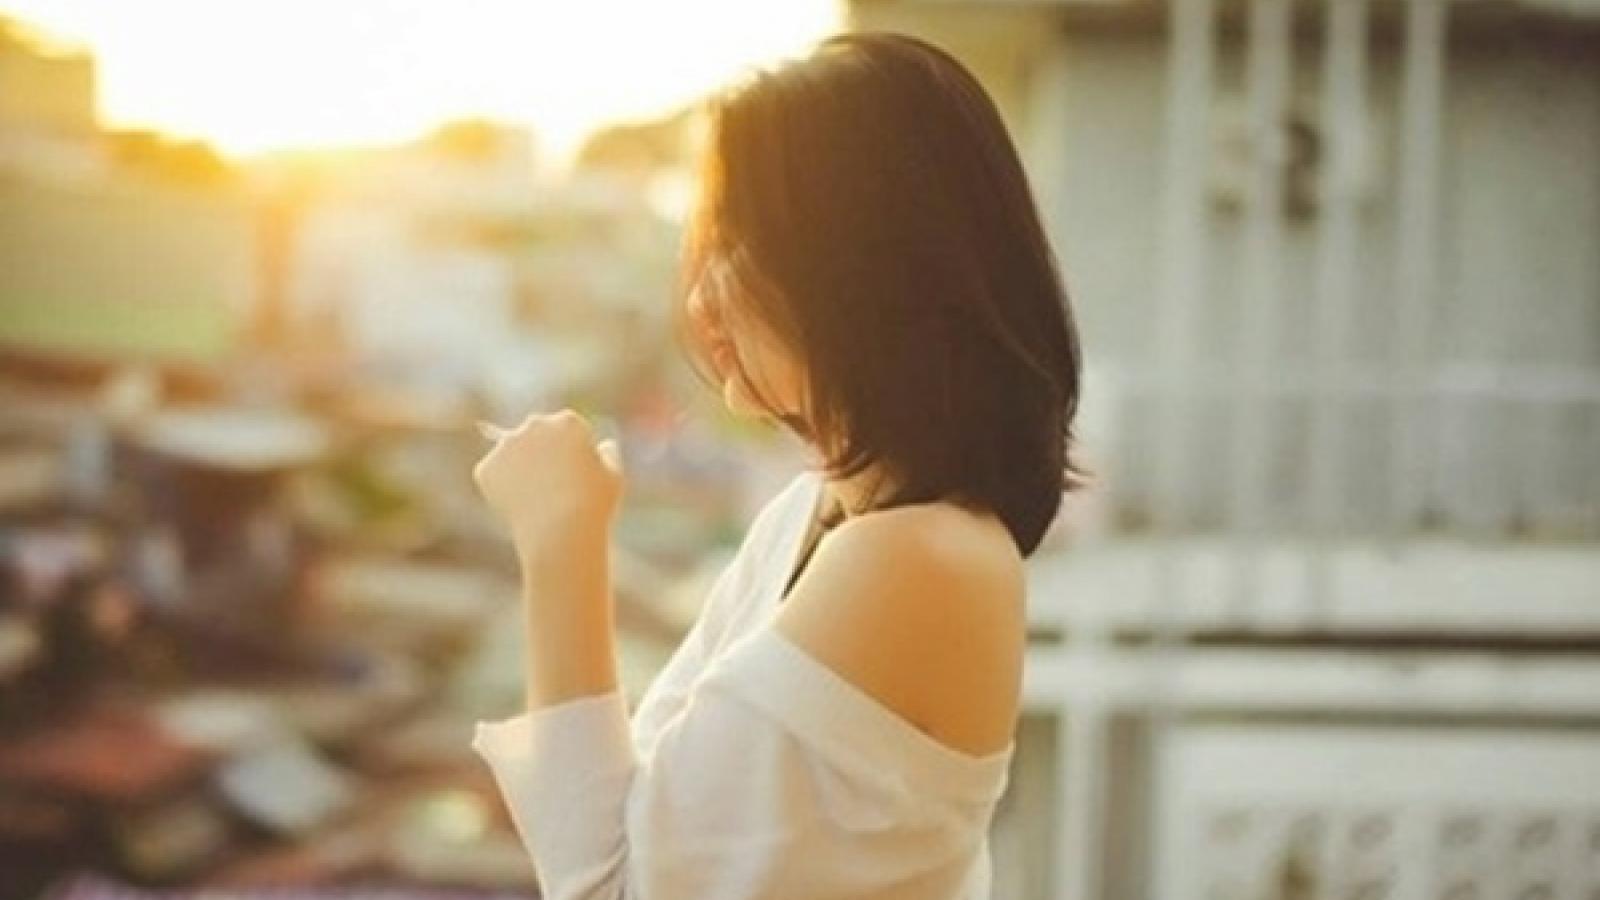 5 điều quan trọng trong đời một người phụ nữ cần phải khắc ghi